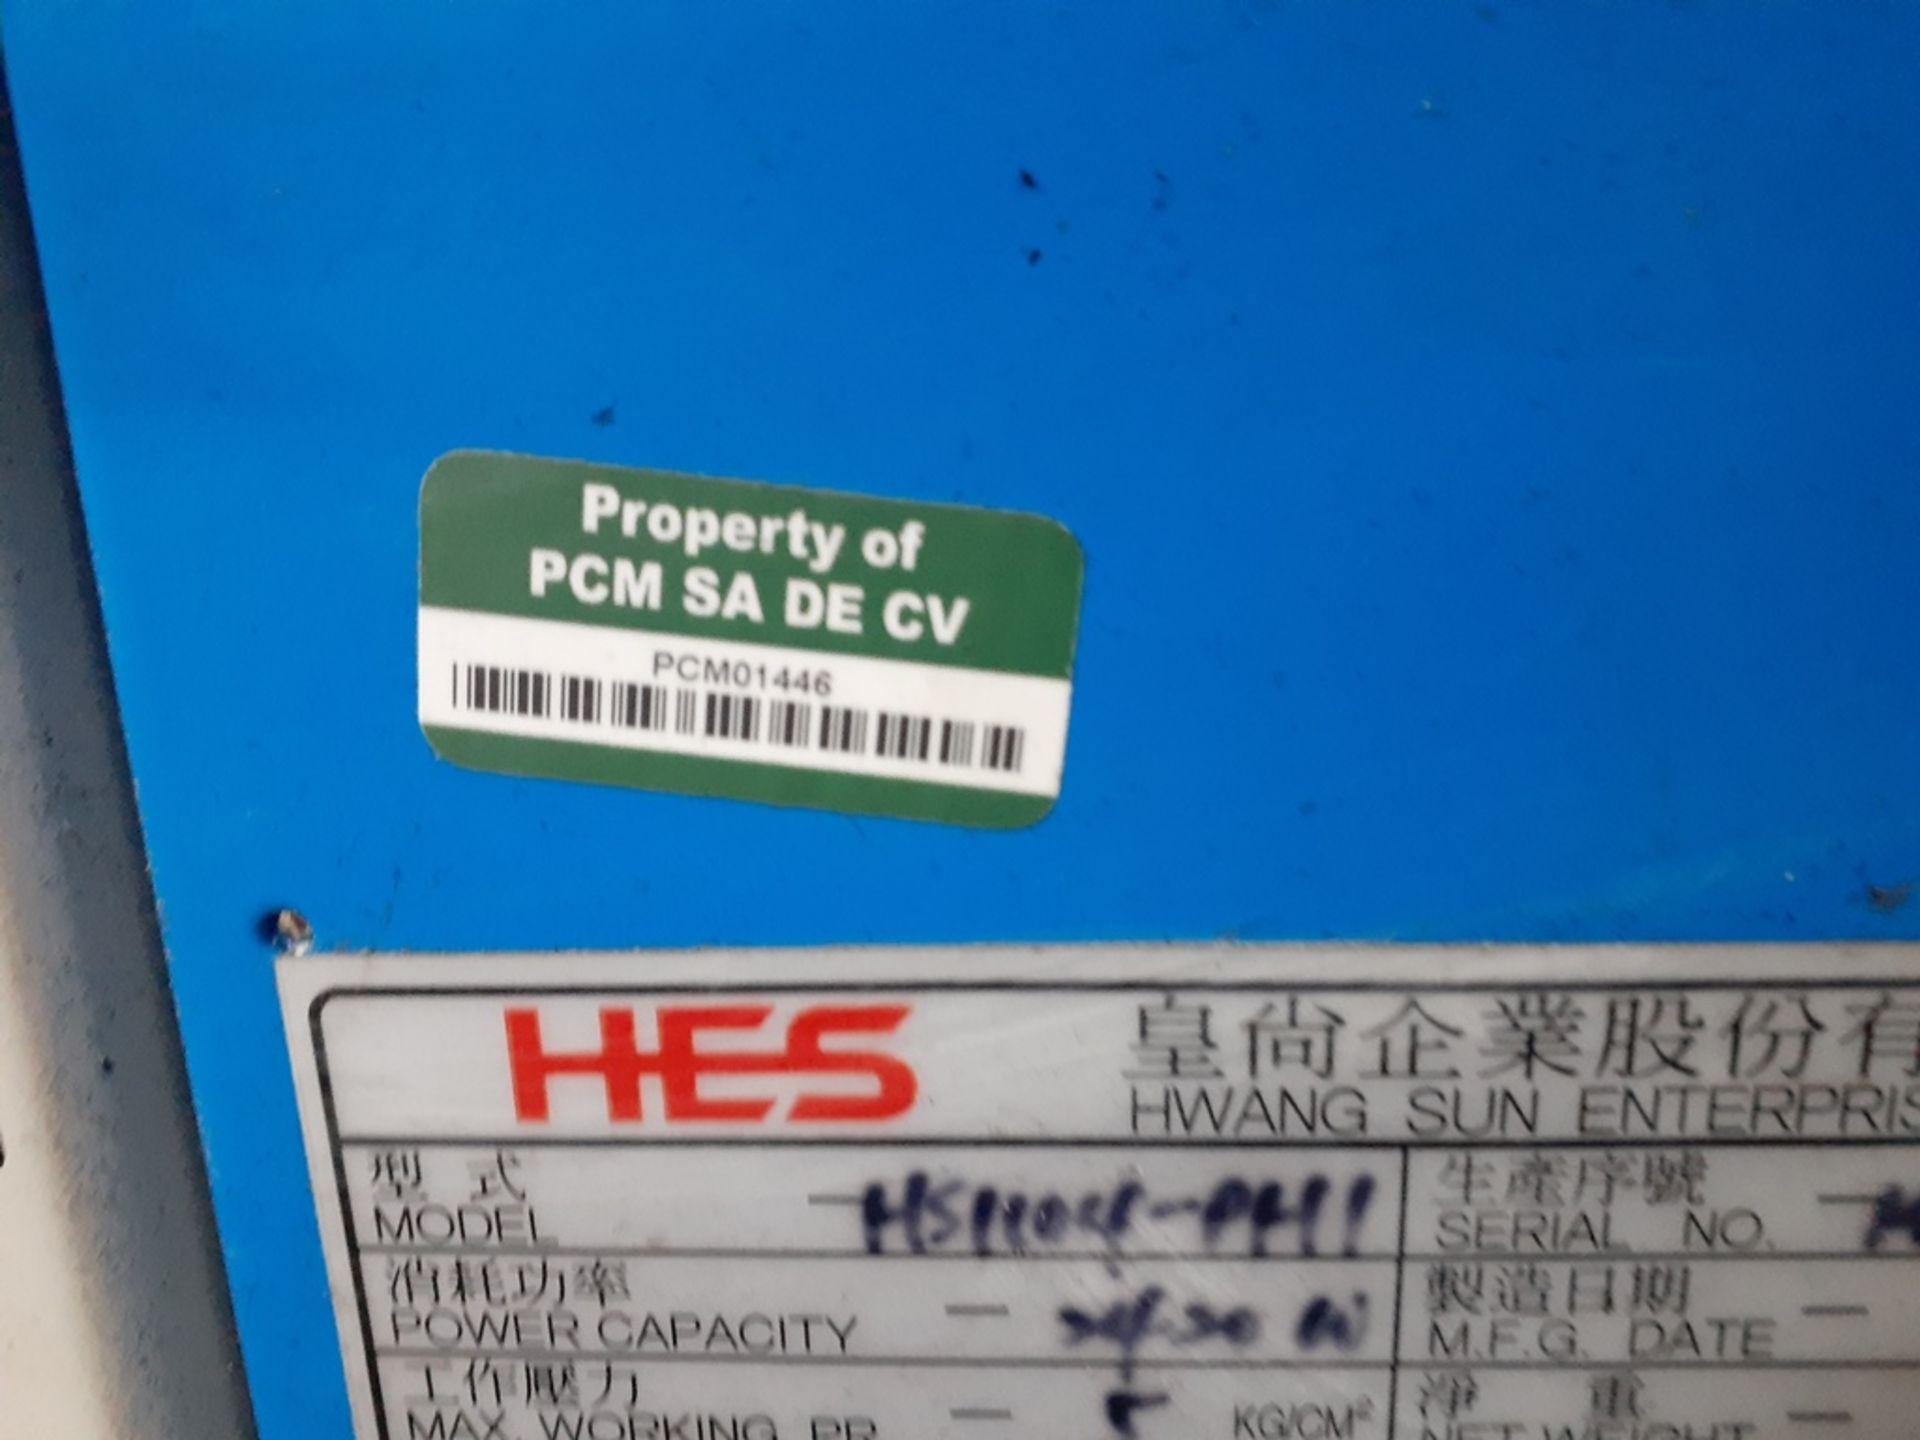 Lot 153 - (2) Aplicadores de pegamento caliente marca Hwang Sun Enterprise, Modelo: HS1104-PHI